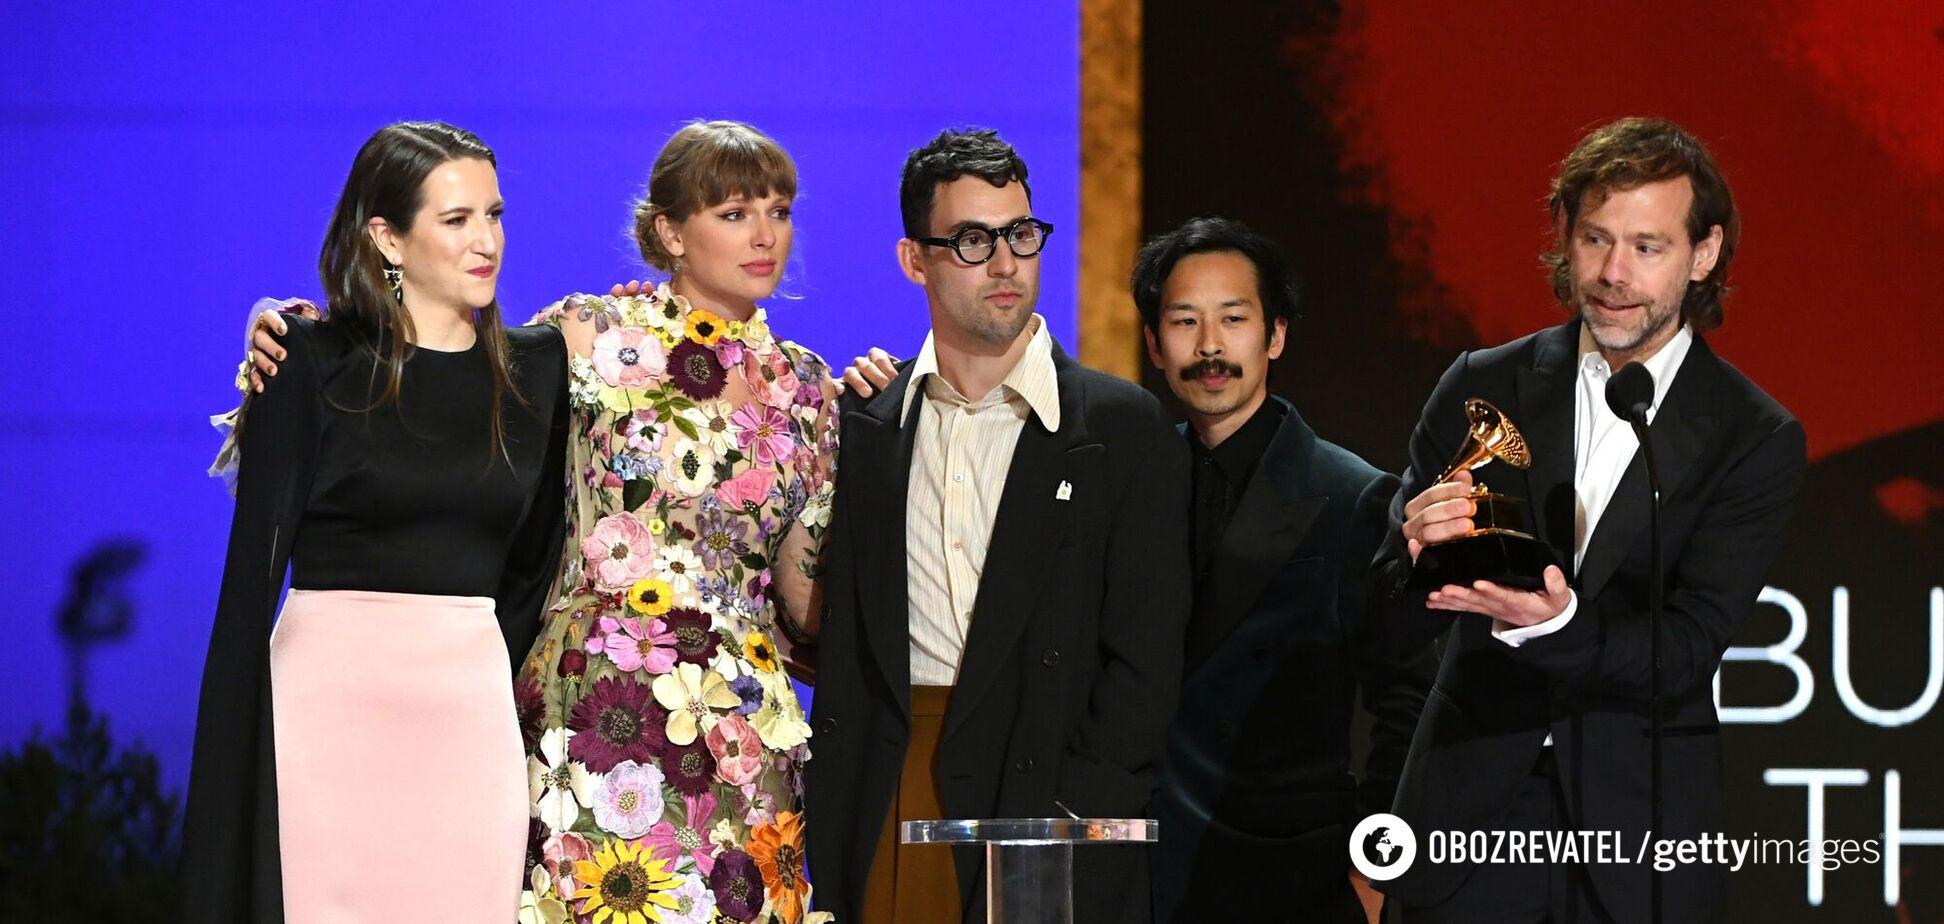 'Грэмми' 2021: назван полный список победителей музыкальной премии